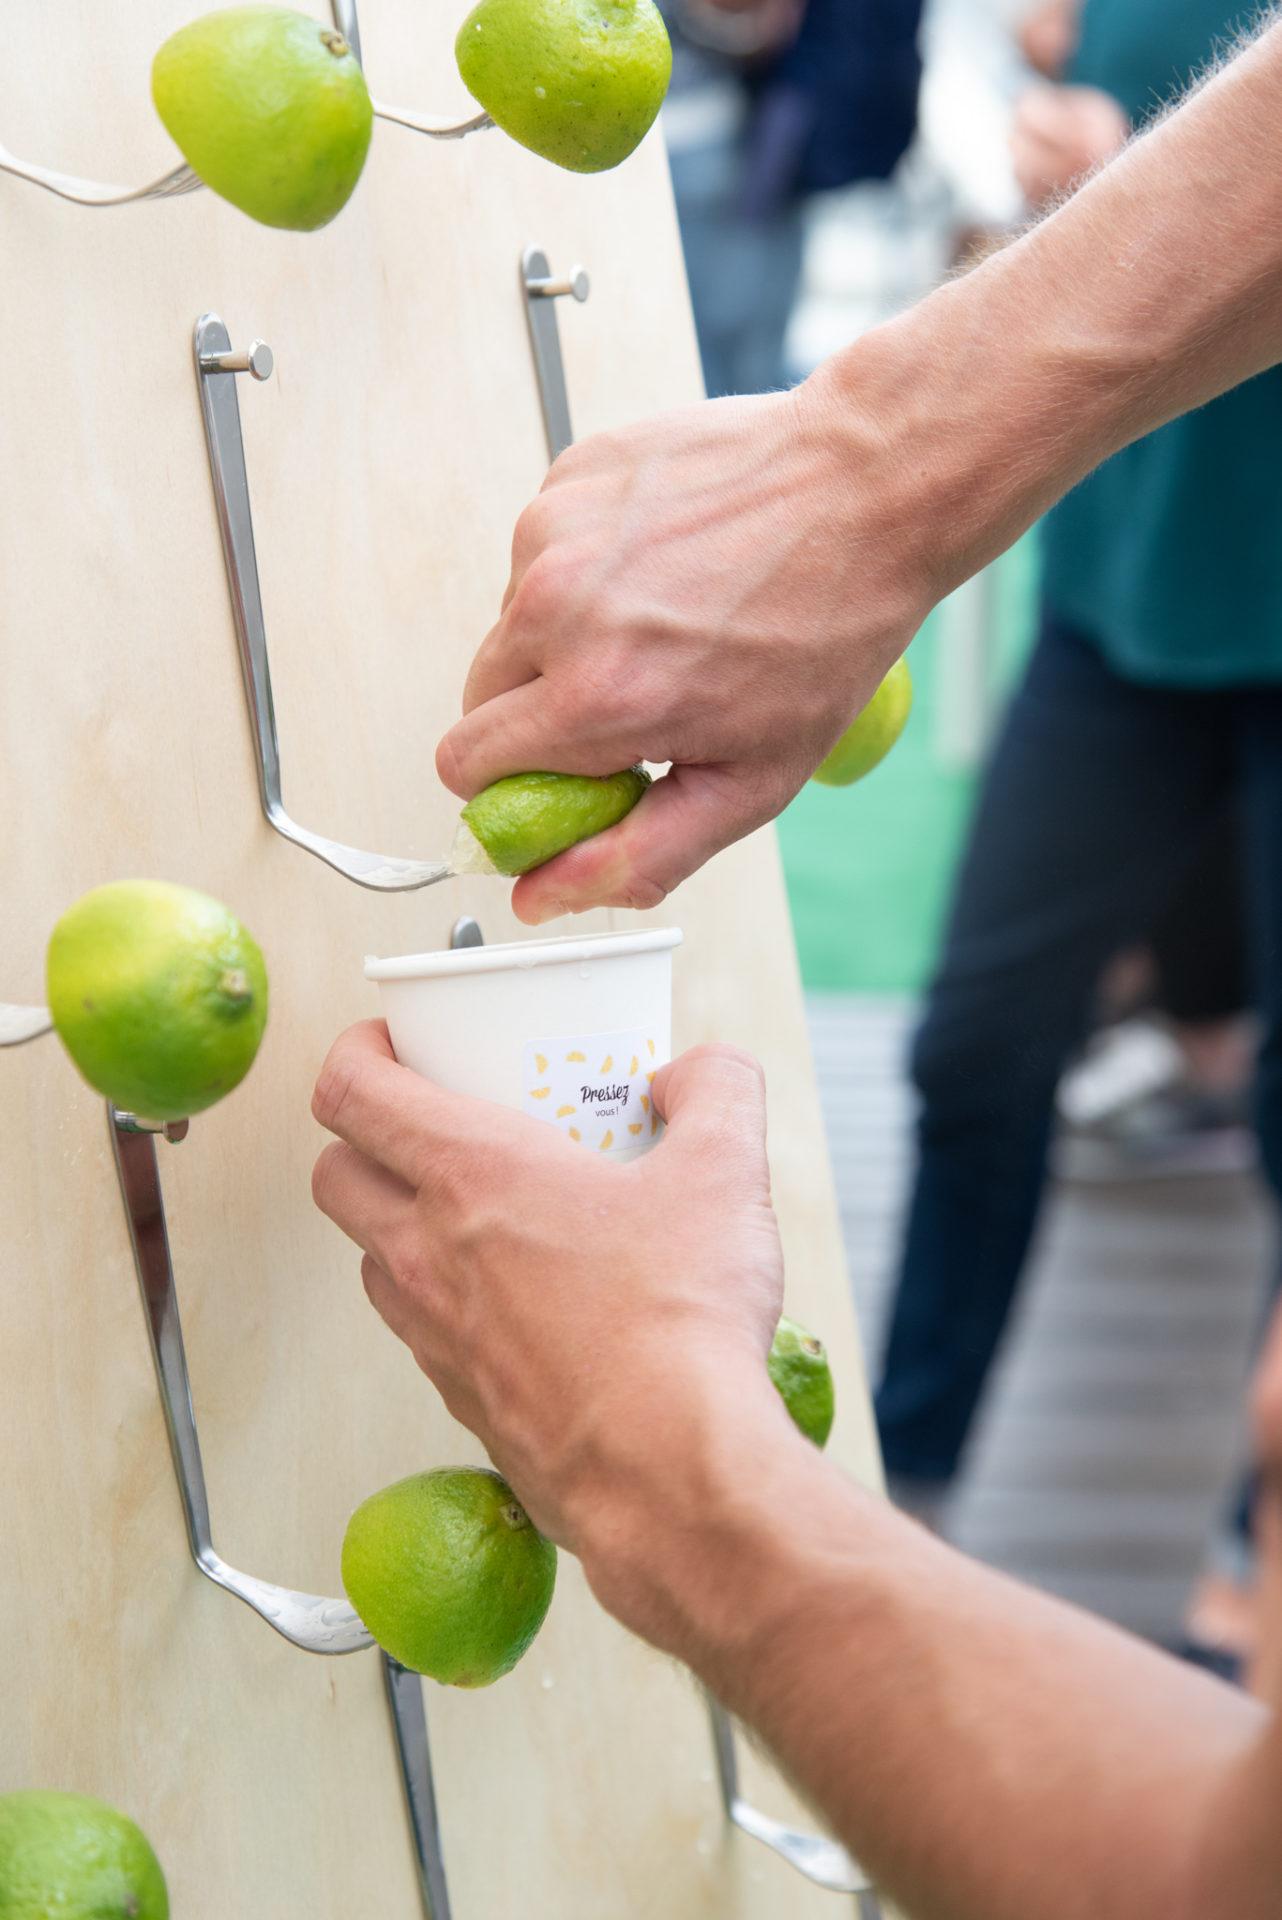 Mains en train de presser du citron